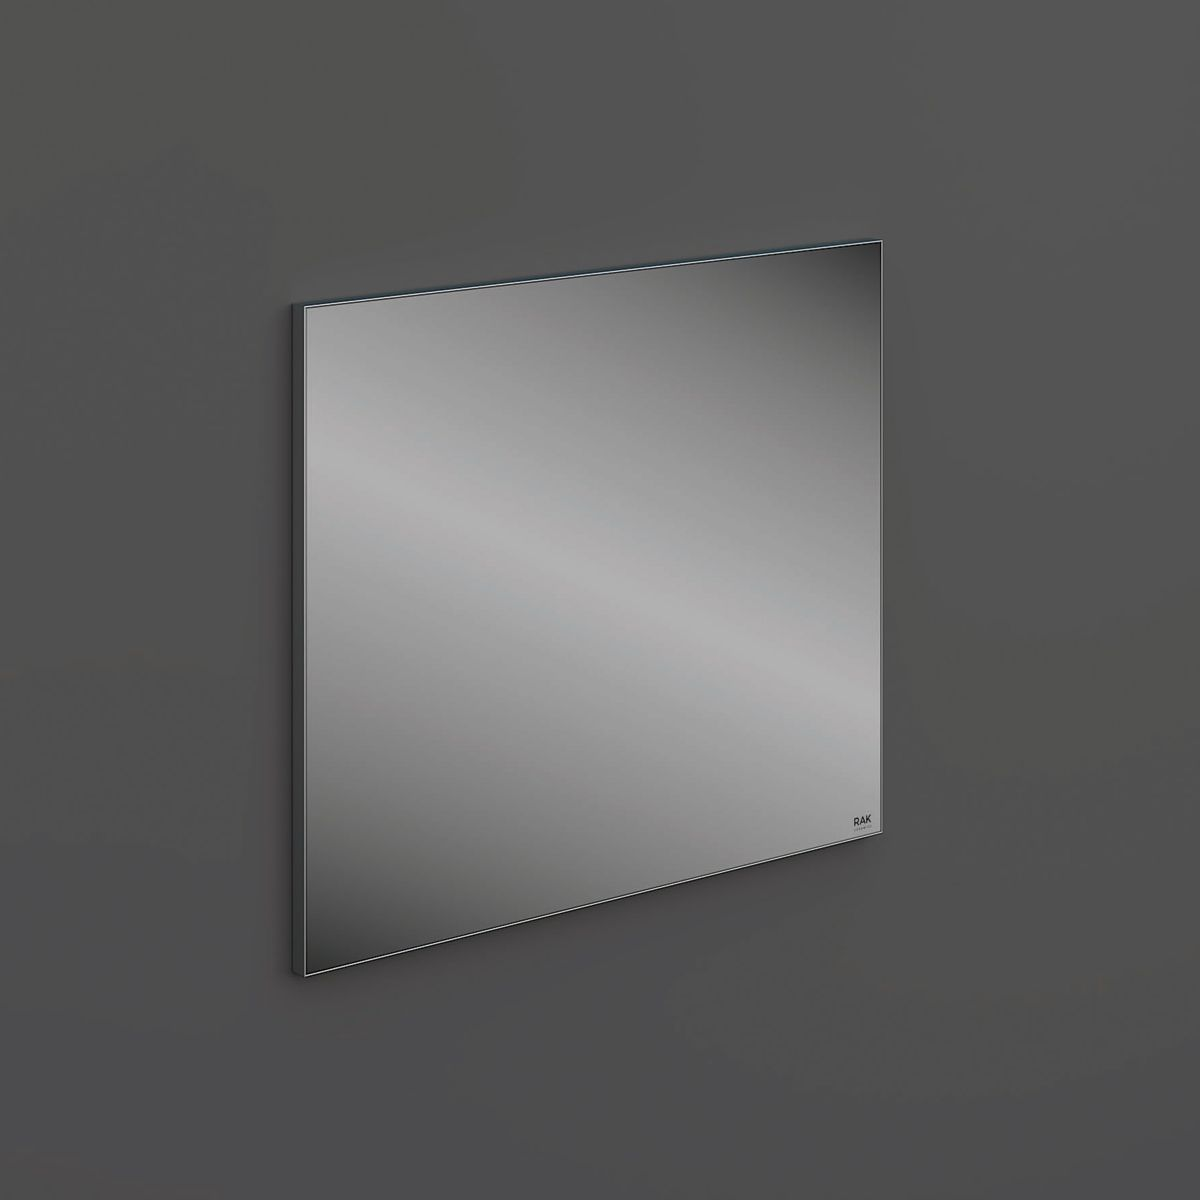 RAK Joy Wall Hung Standard Mirror 800 x 680mm